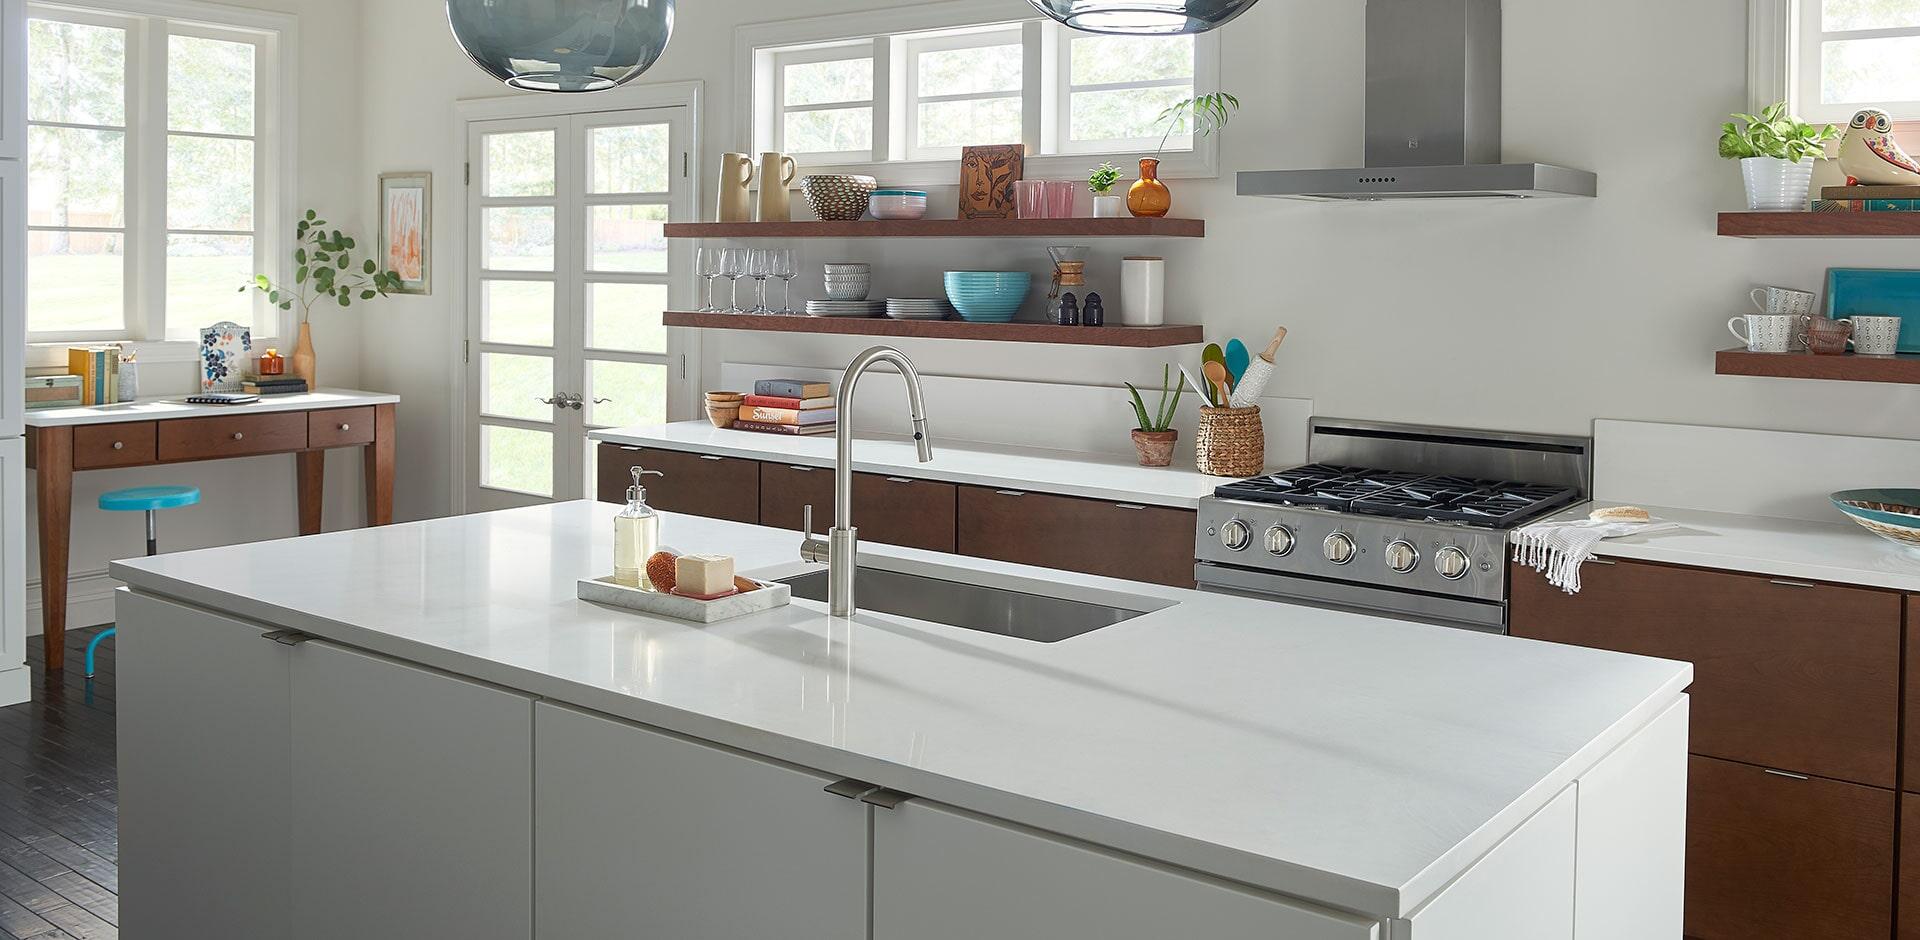 arctic white quartz counter tops